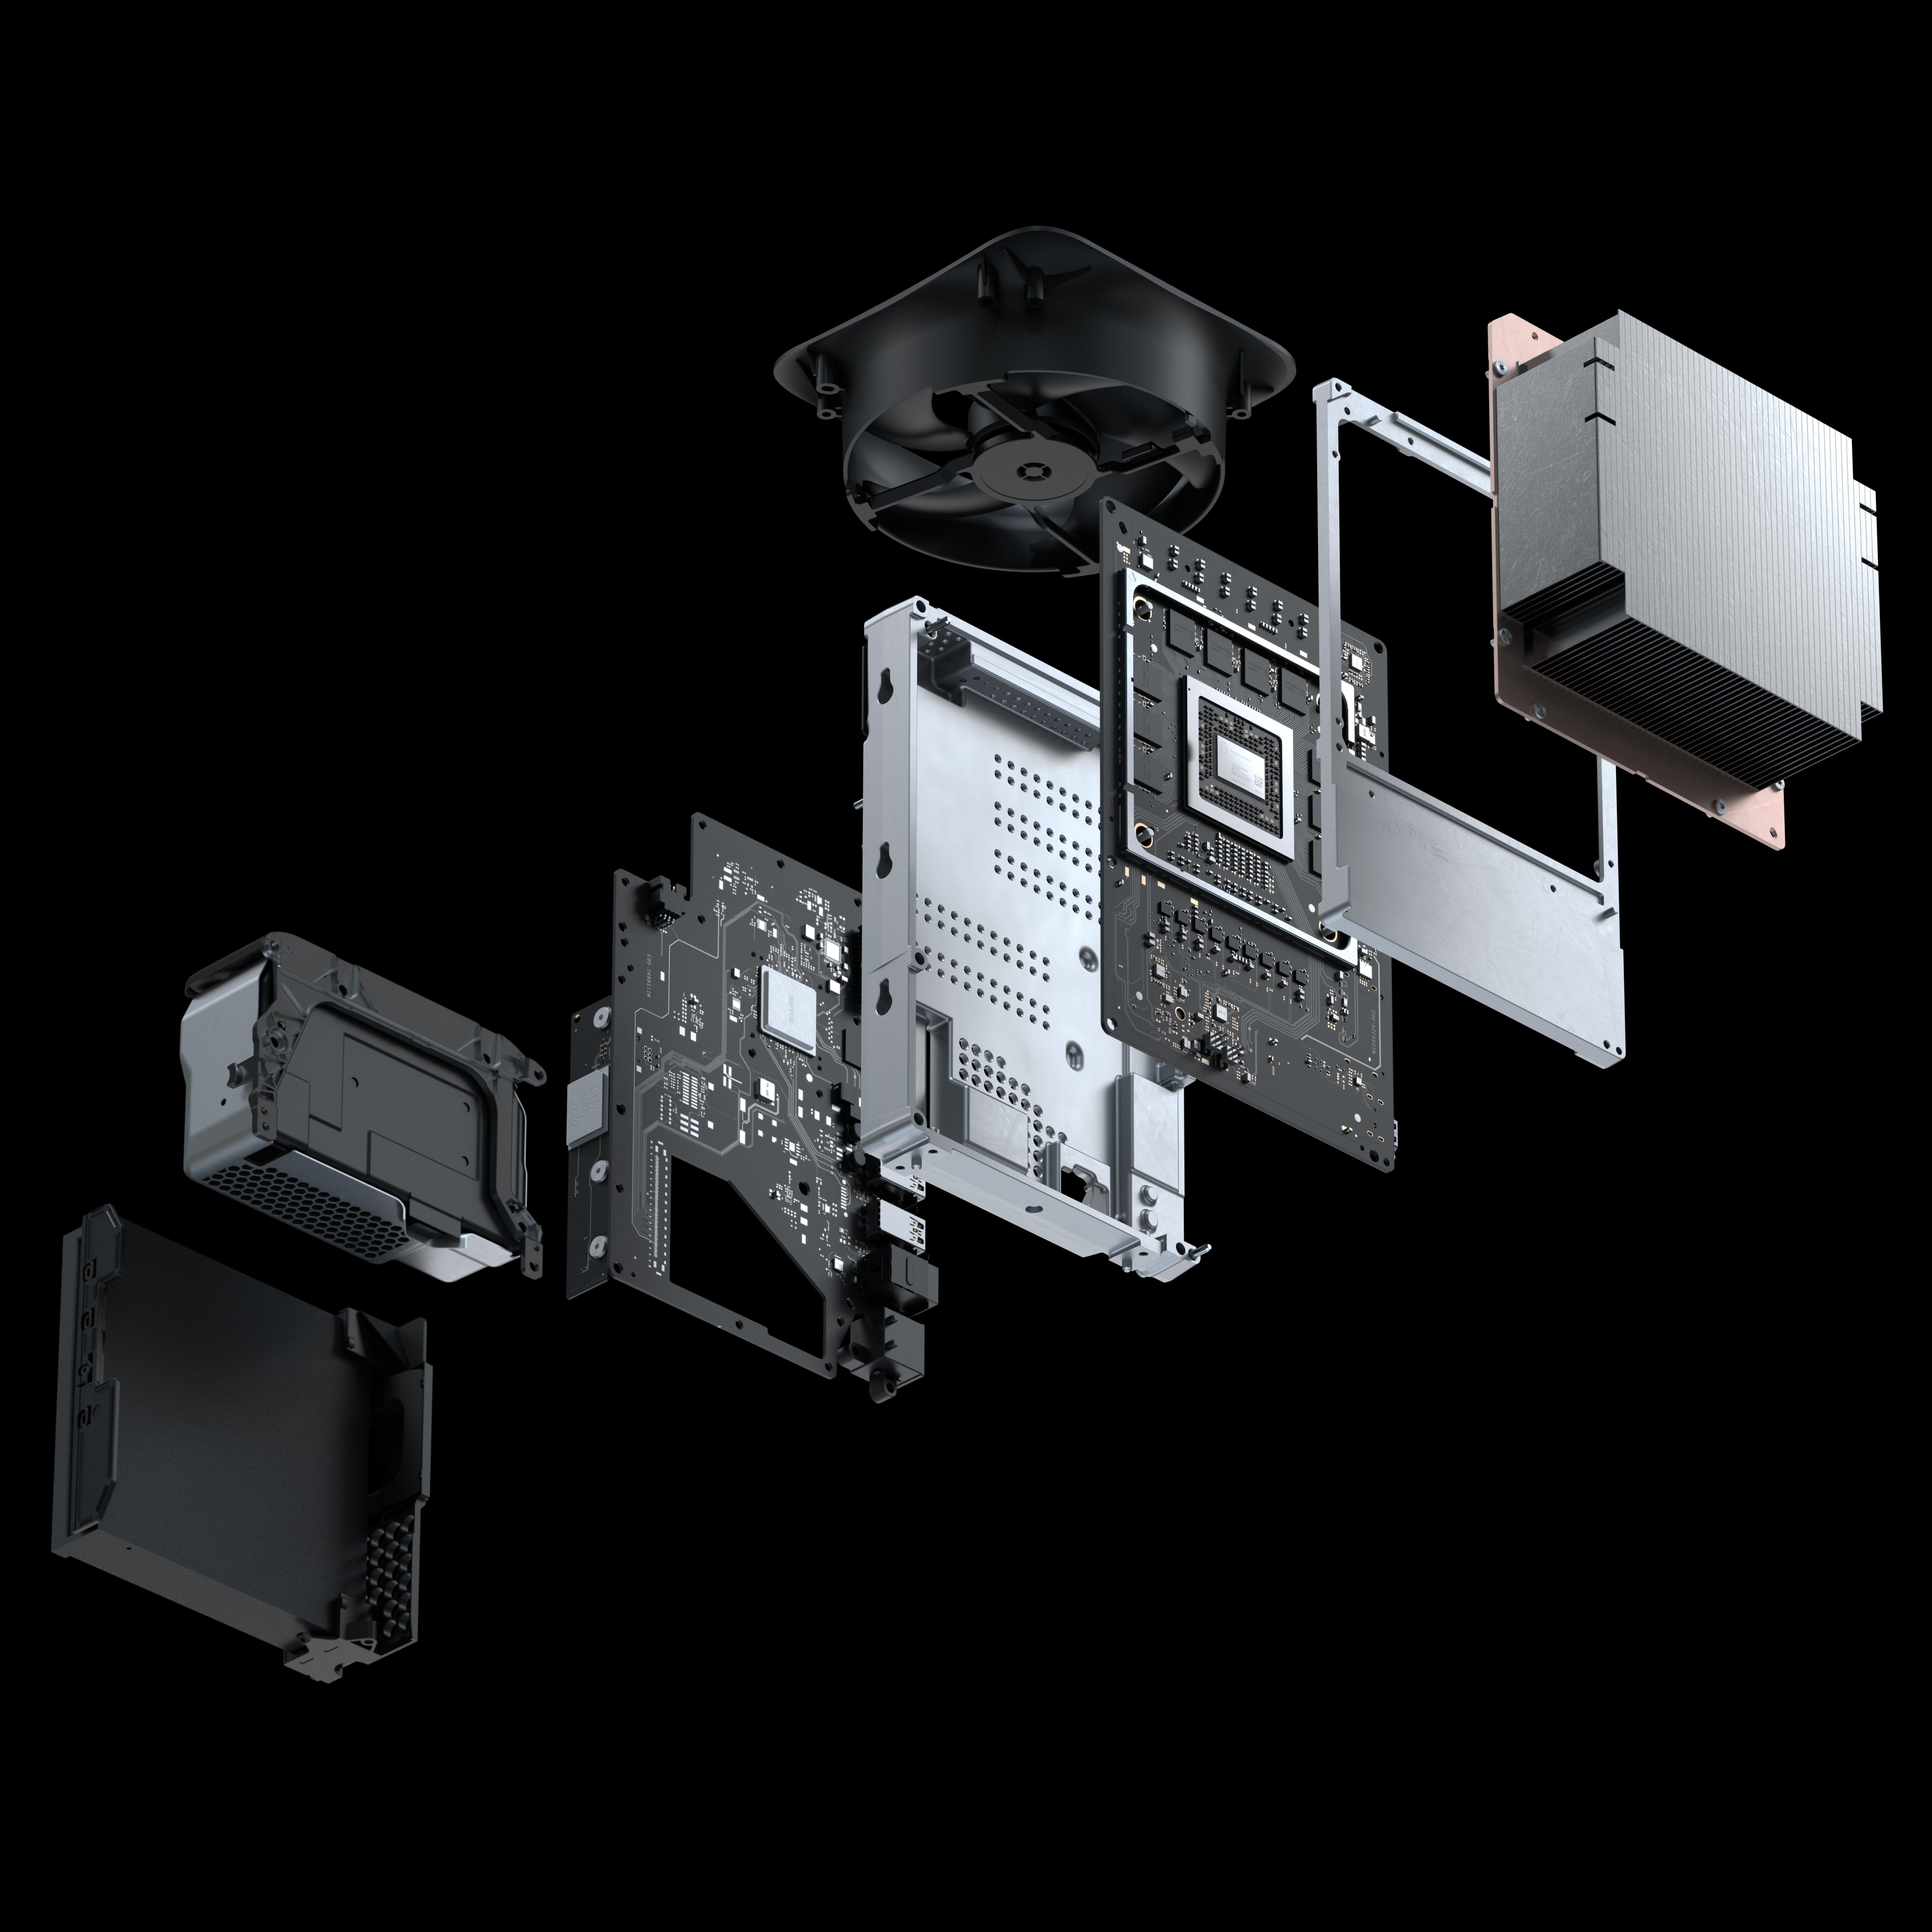 La Xbox Series X sera équipée de technologies avancées qui en feront la console la plus puissante sur le marché.